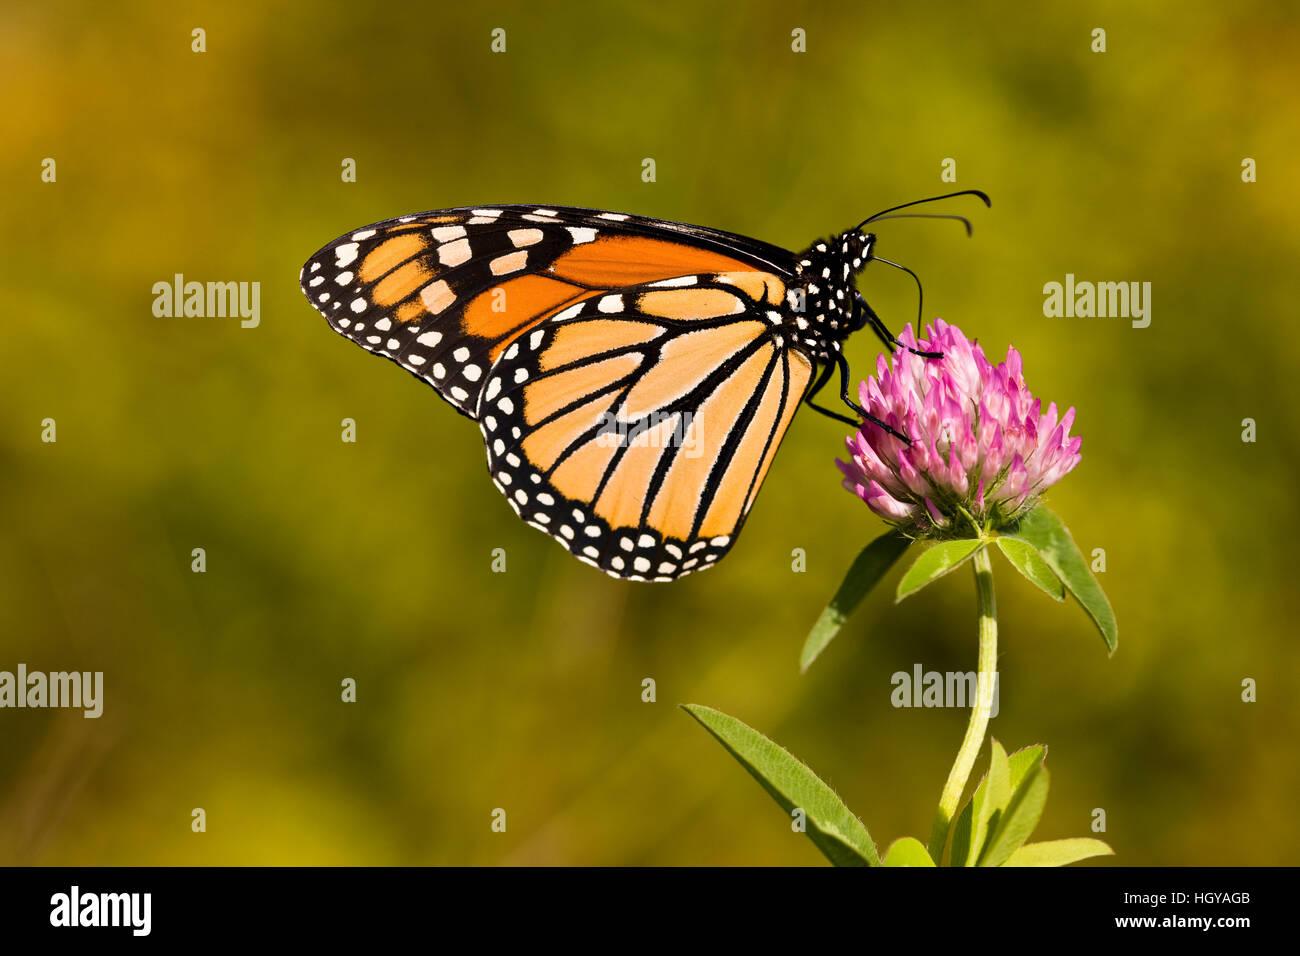 Un monarque, Danaus plexippus, sur le trèfle dans Grafton, Massachusetts. Photo Stock